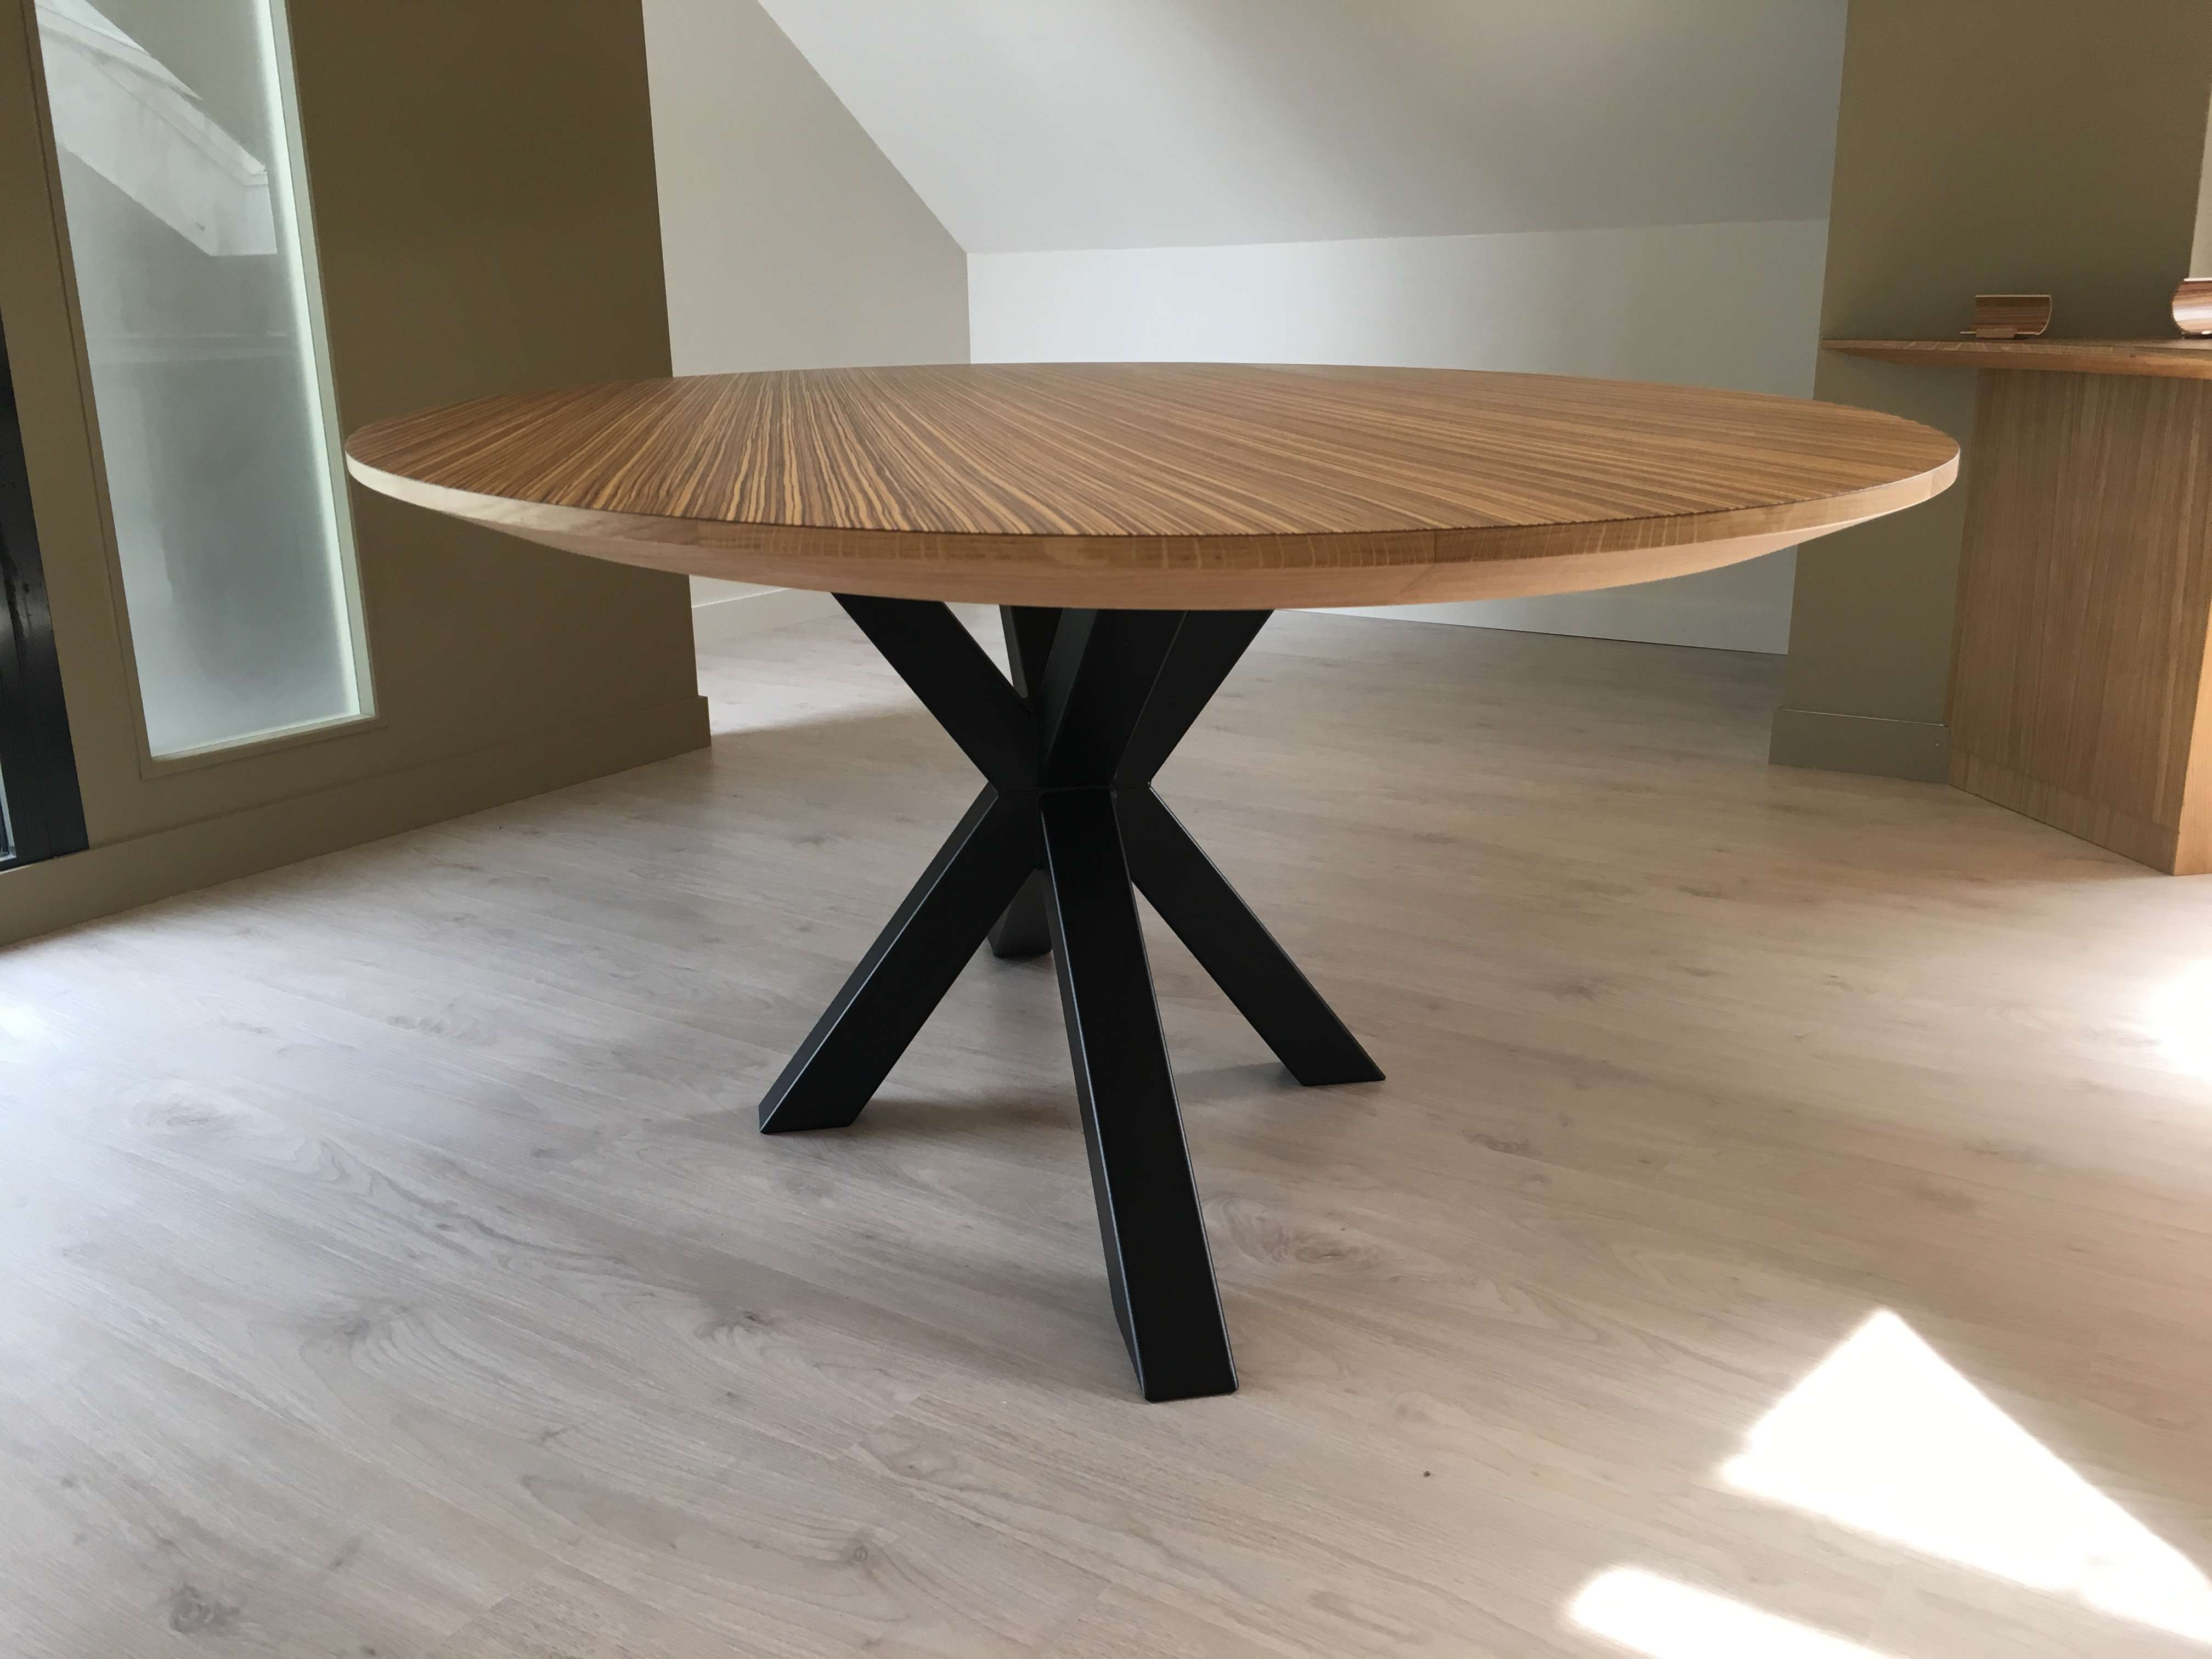 Table de réunion bois massif avec pietement acier - L'Atelier 1053